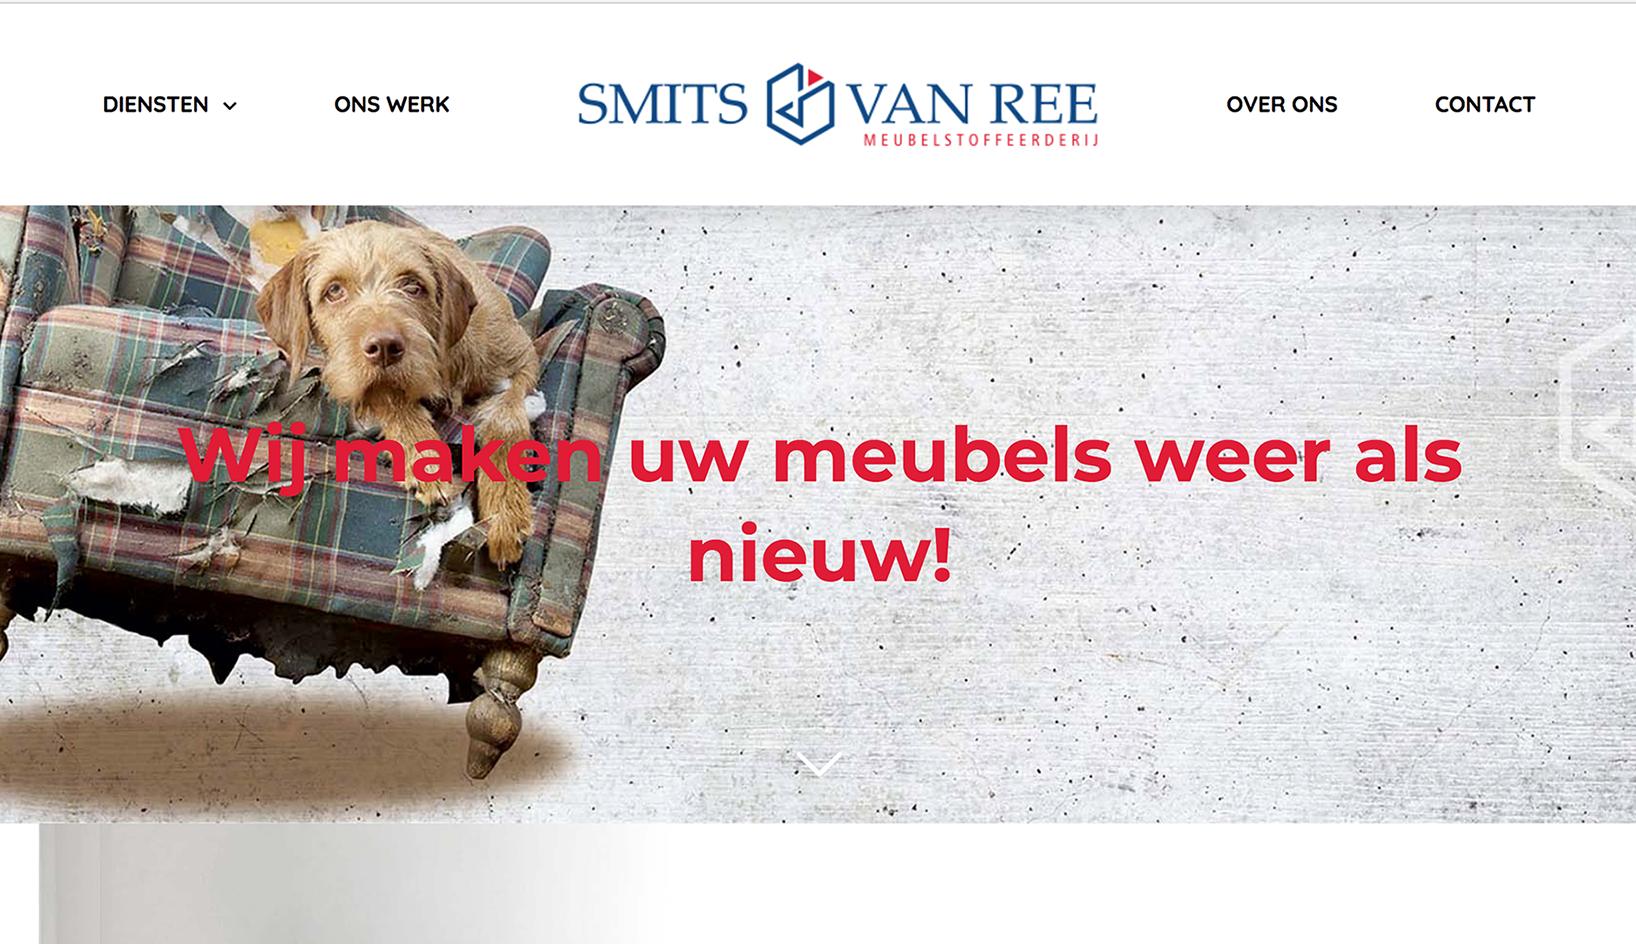 Nieuwe Website Smits & van Ree Tilburg gemaakt door Q13 Webdesign